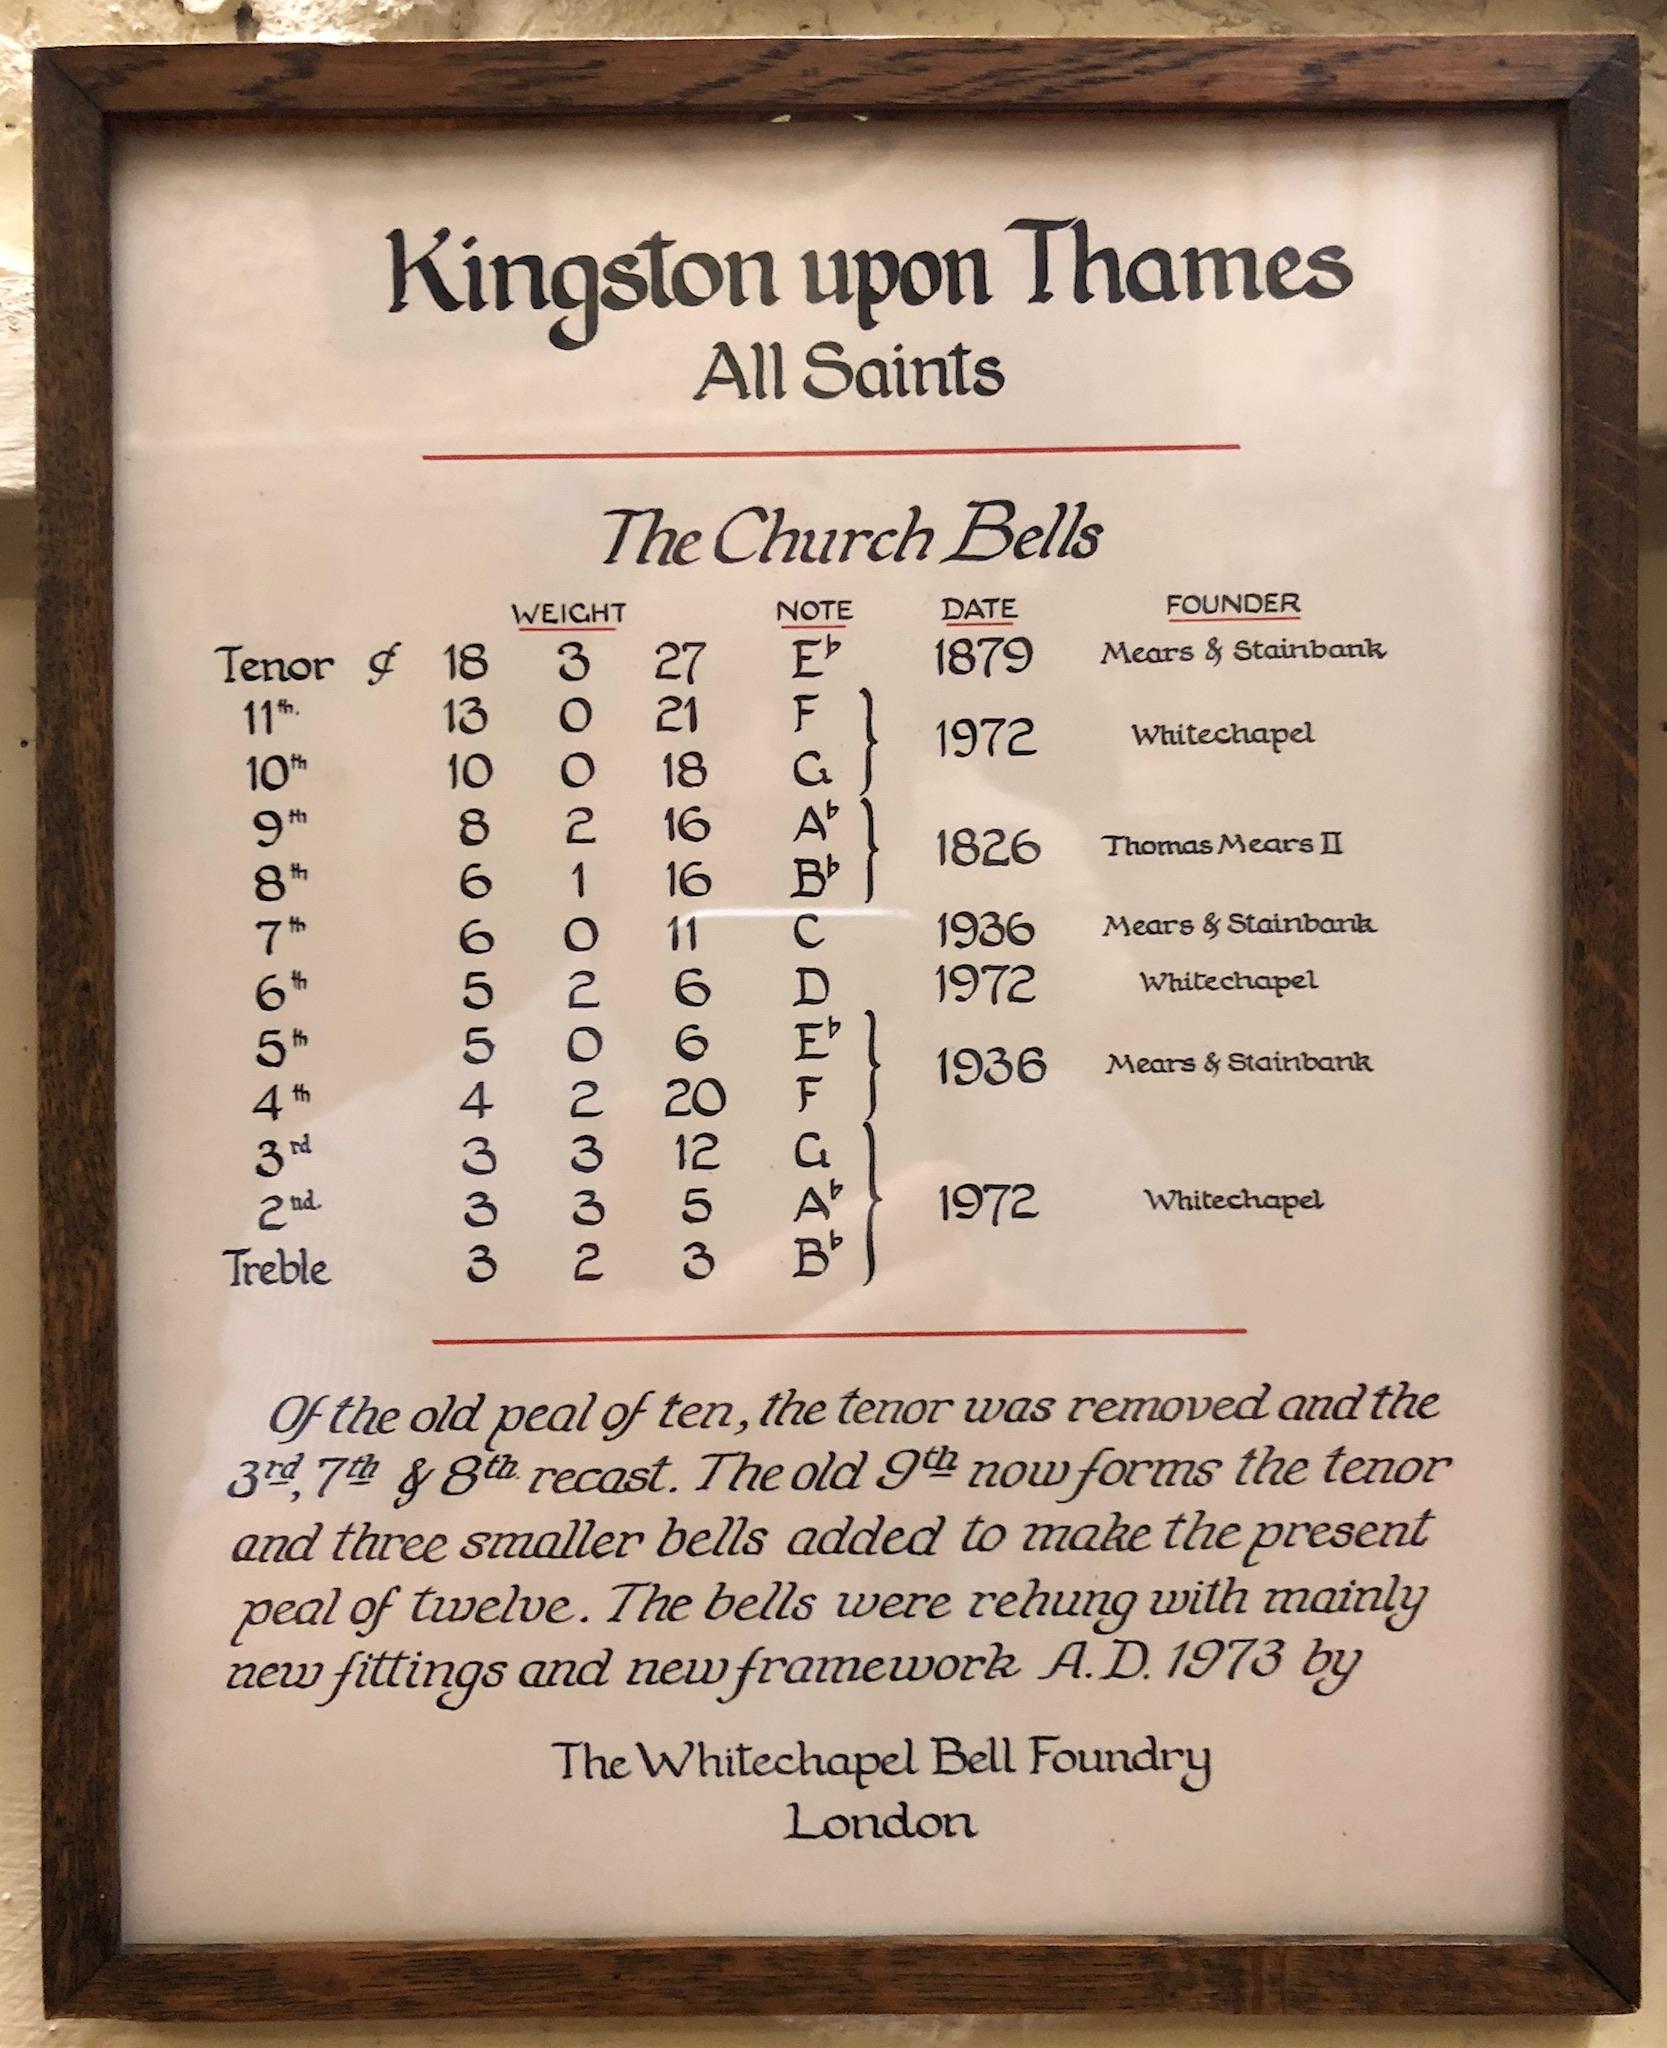 Dating Kingston upon Thames